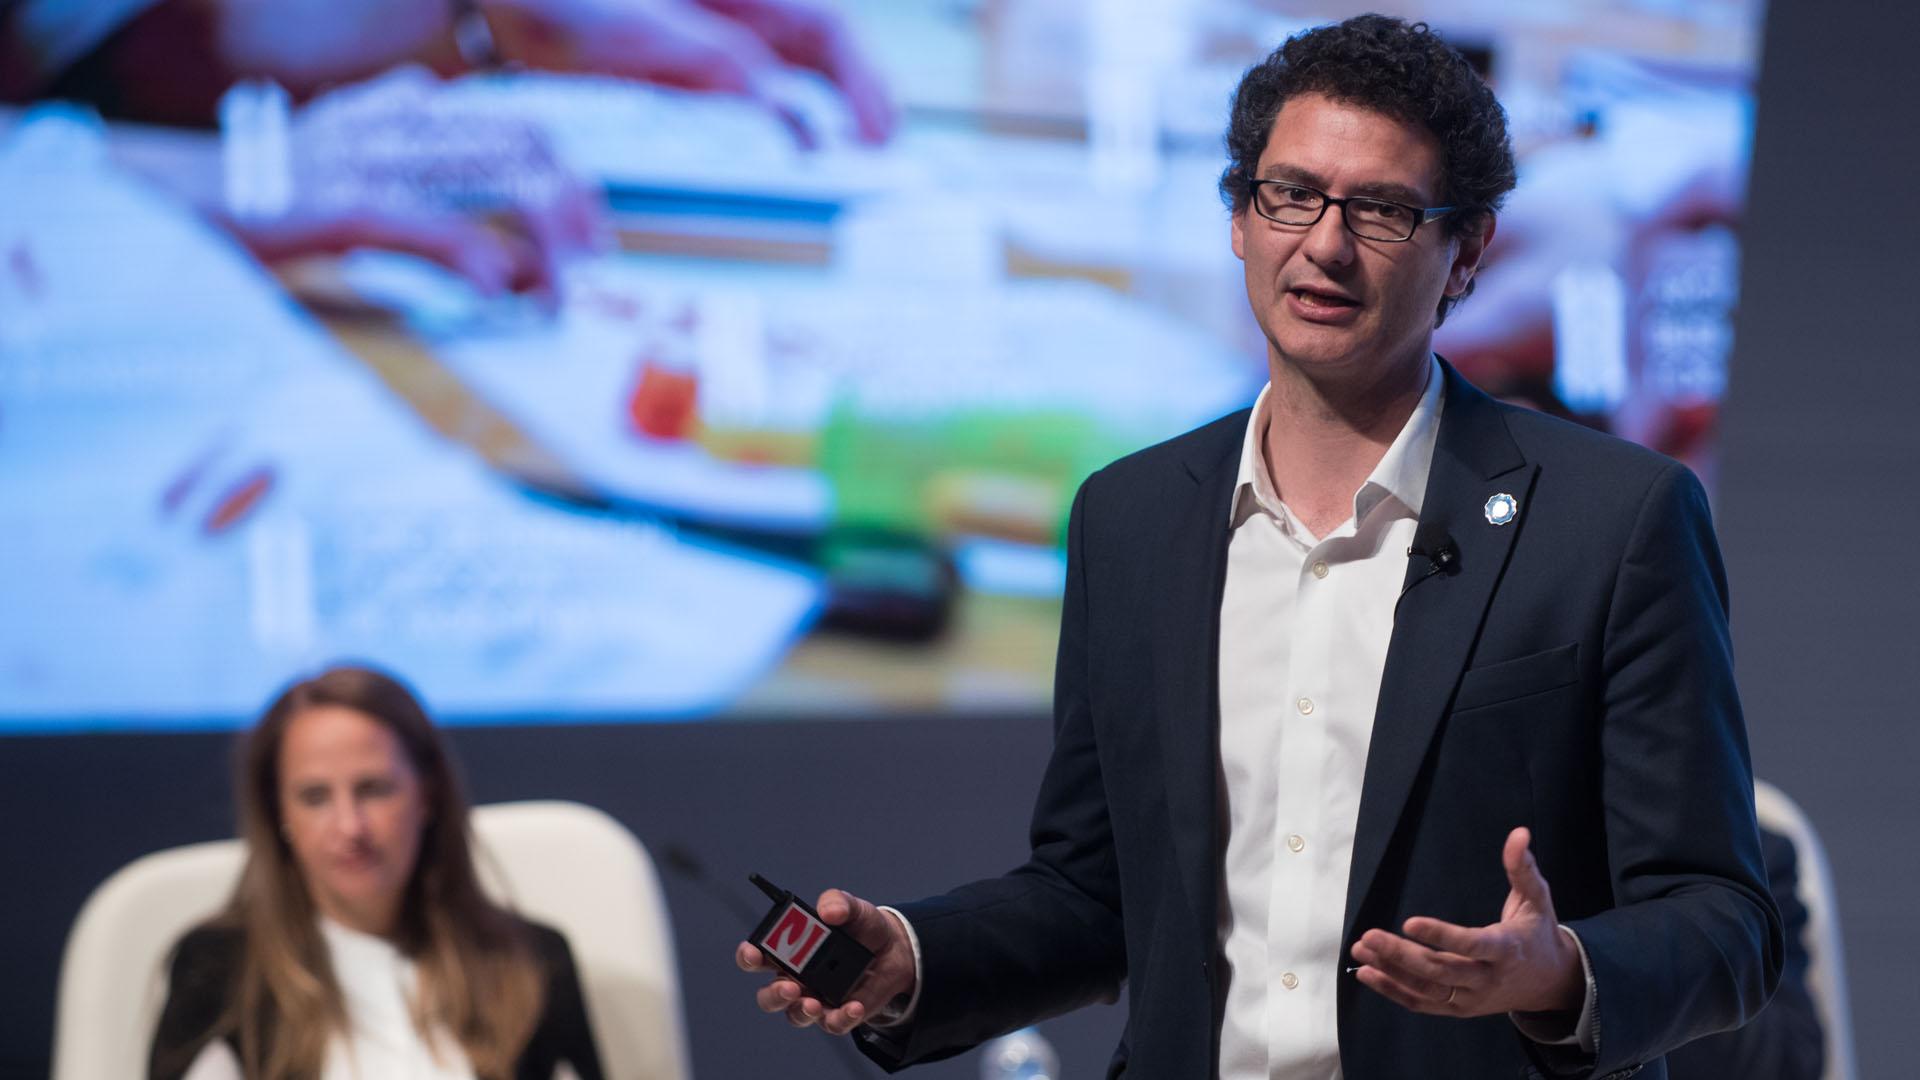 El Secretario de Emprendedores y Pymes de Nación, Mariano Mayer